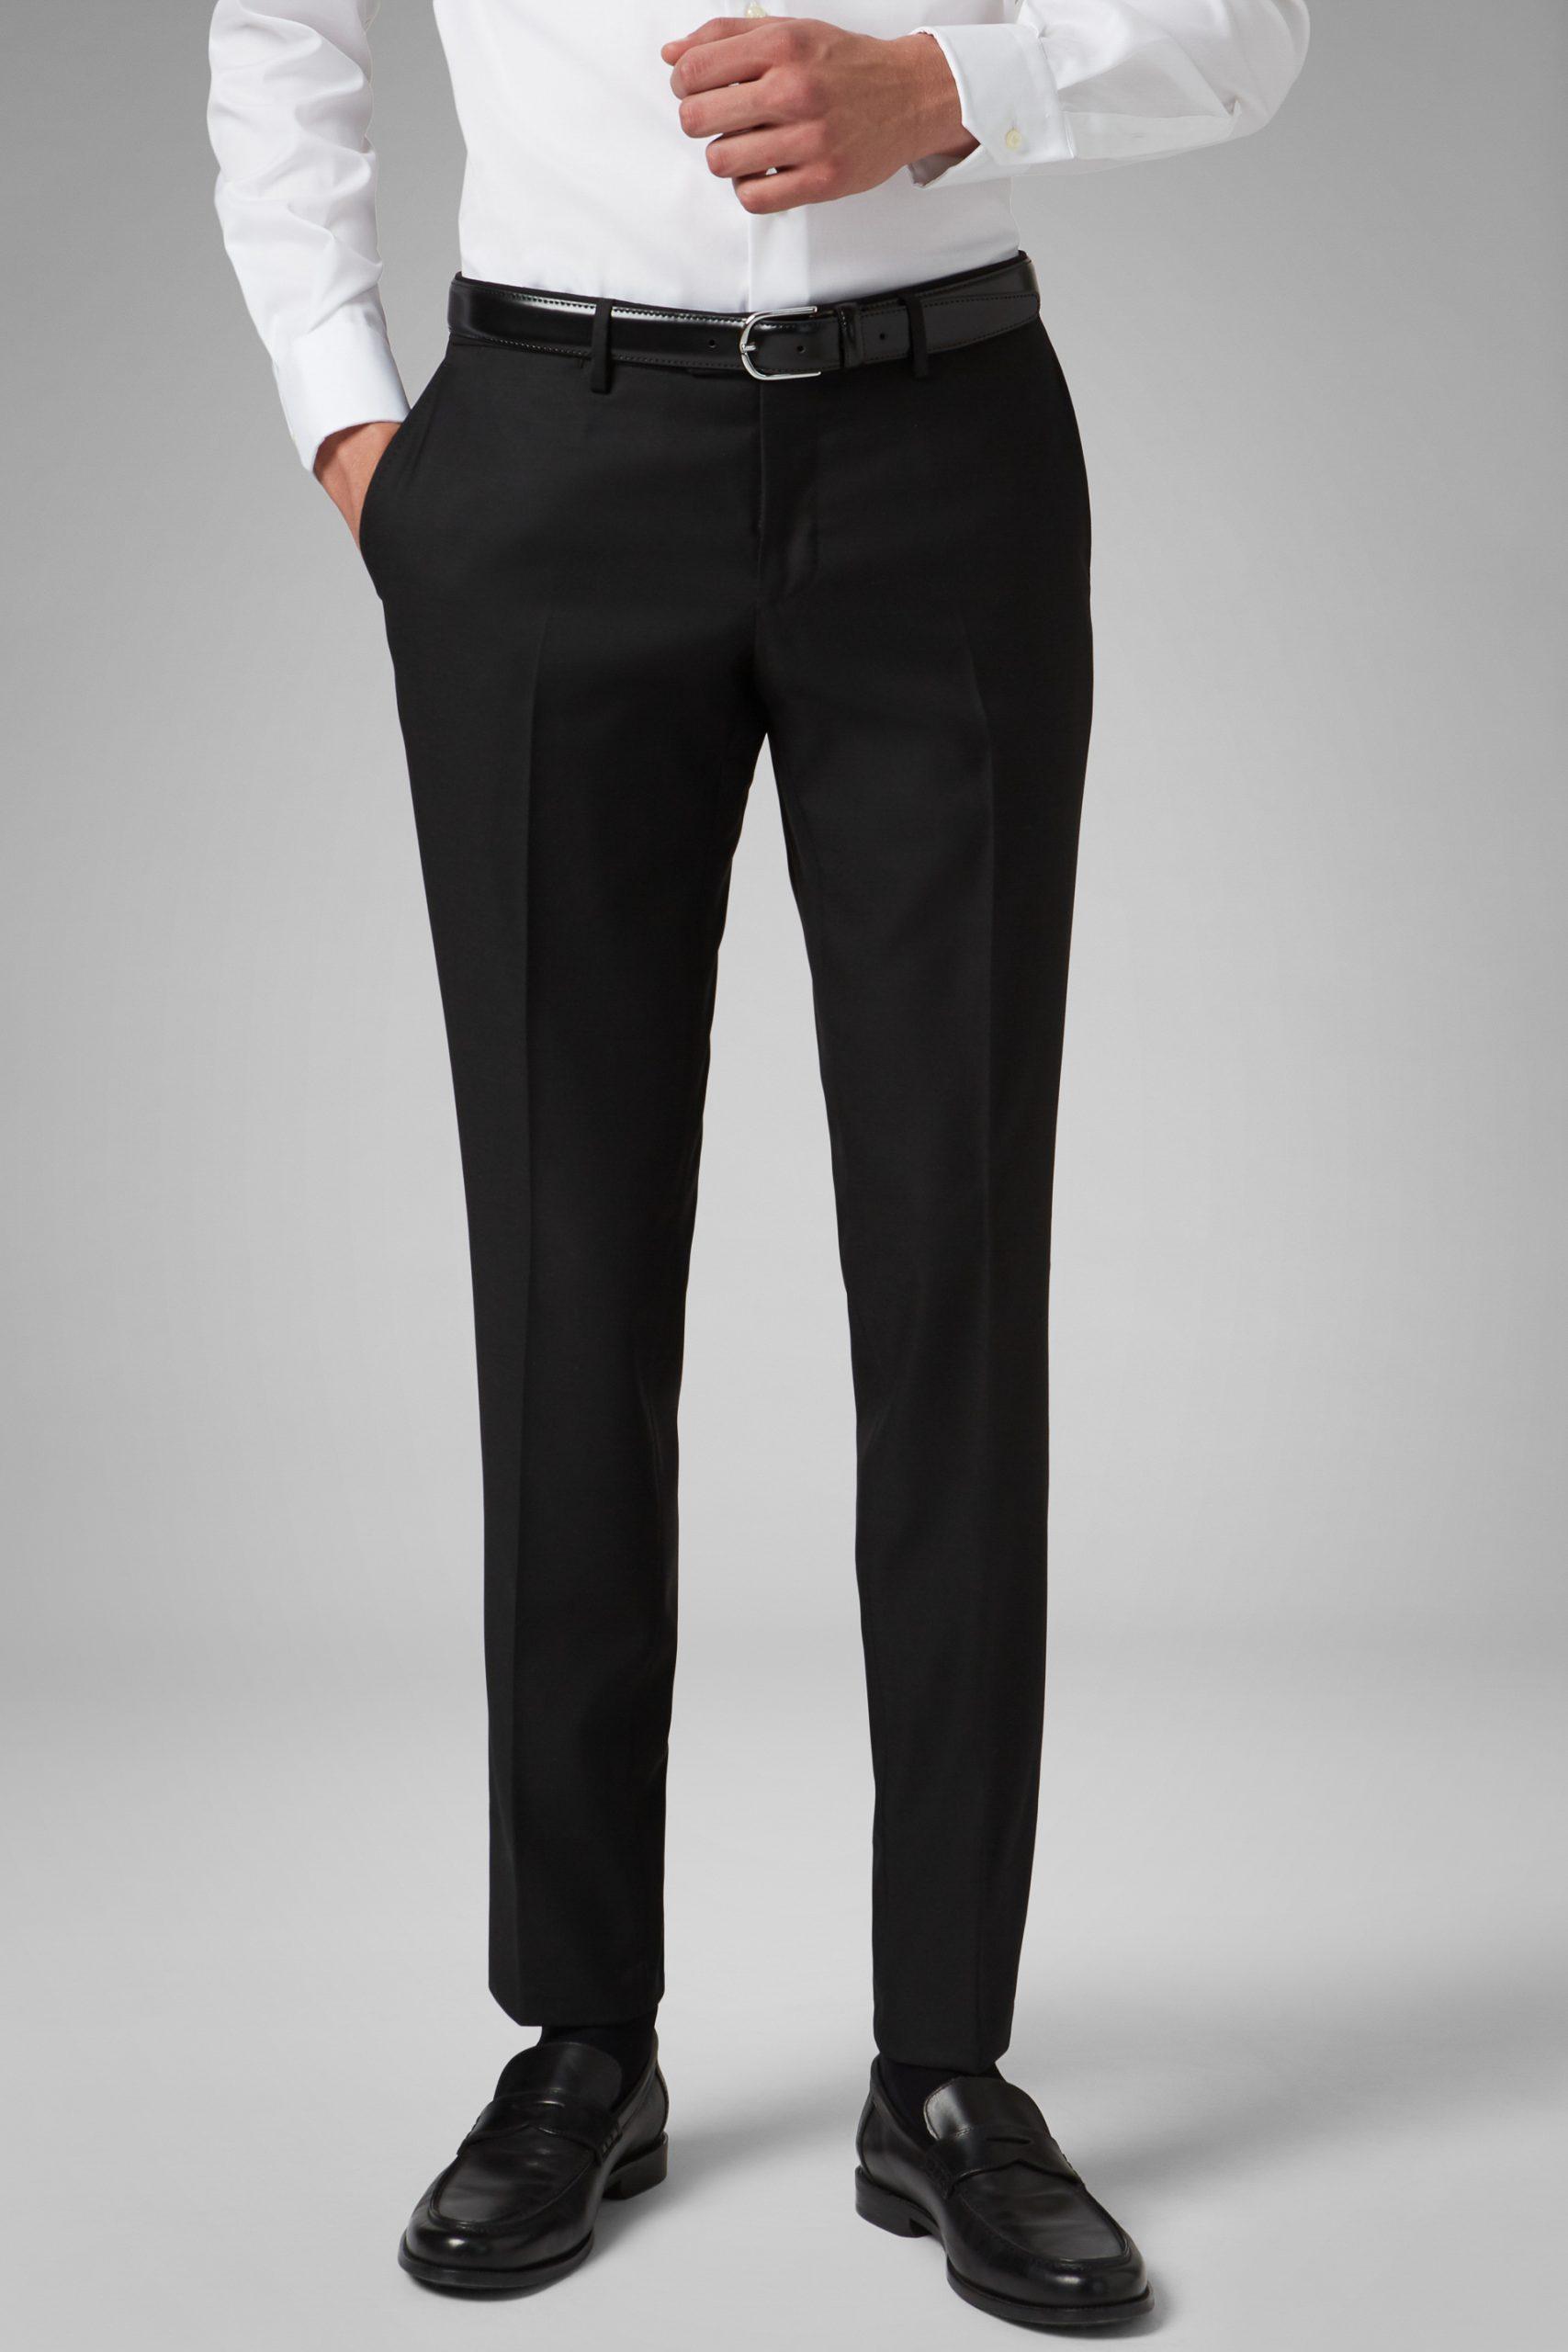 Pantaloni da uomo in colore Nero in materiale LANA 100%